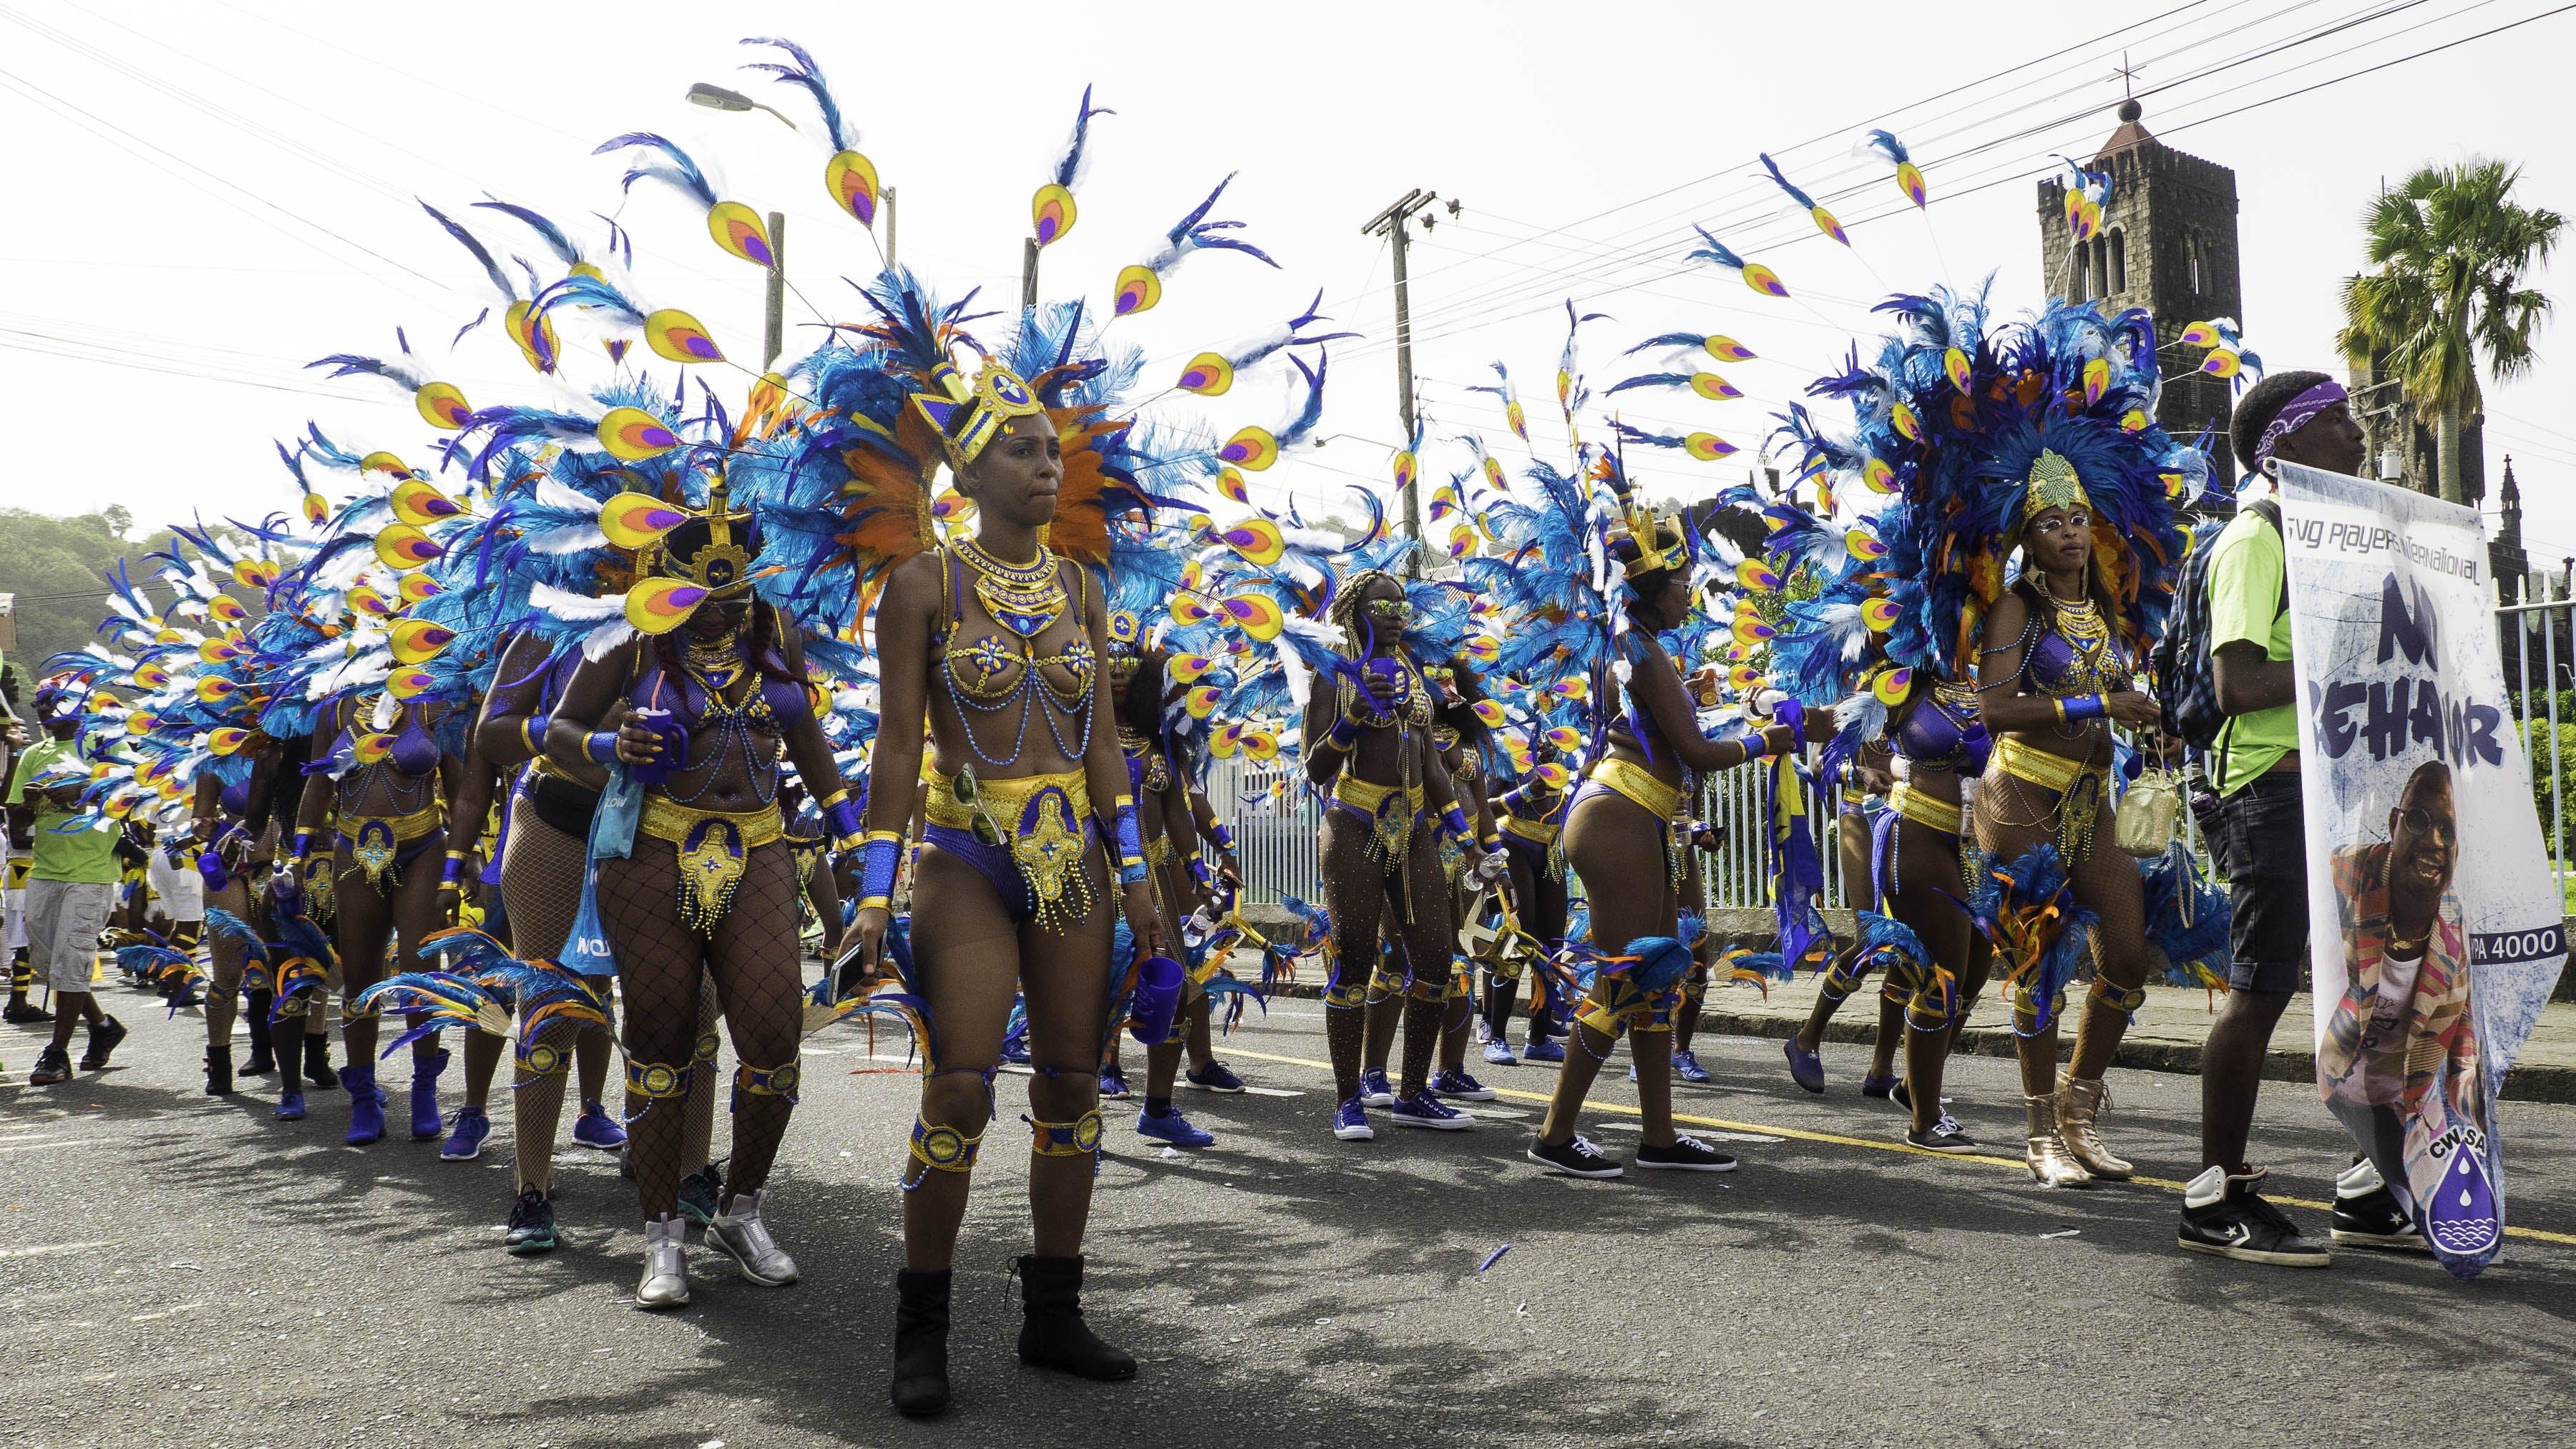 Free stock photo of caribbean festival, carnival, summer festival, vincy mas